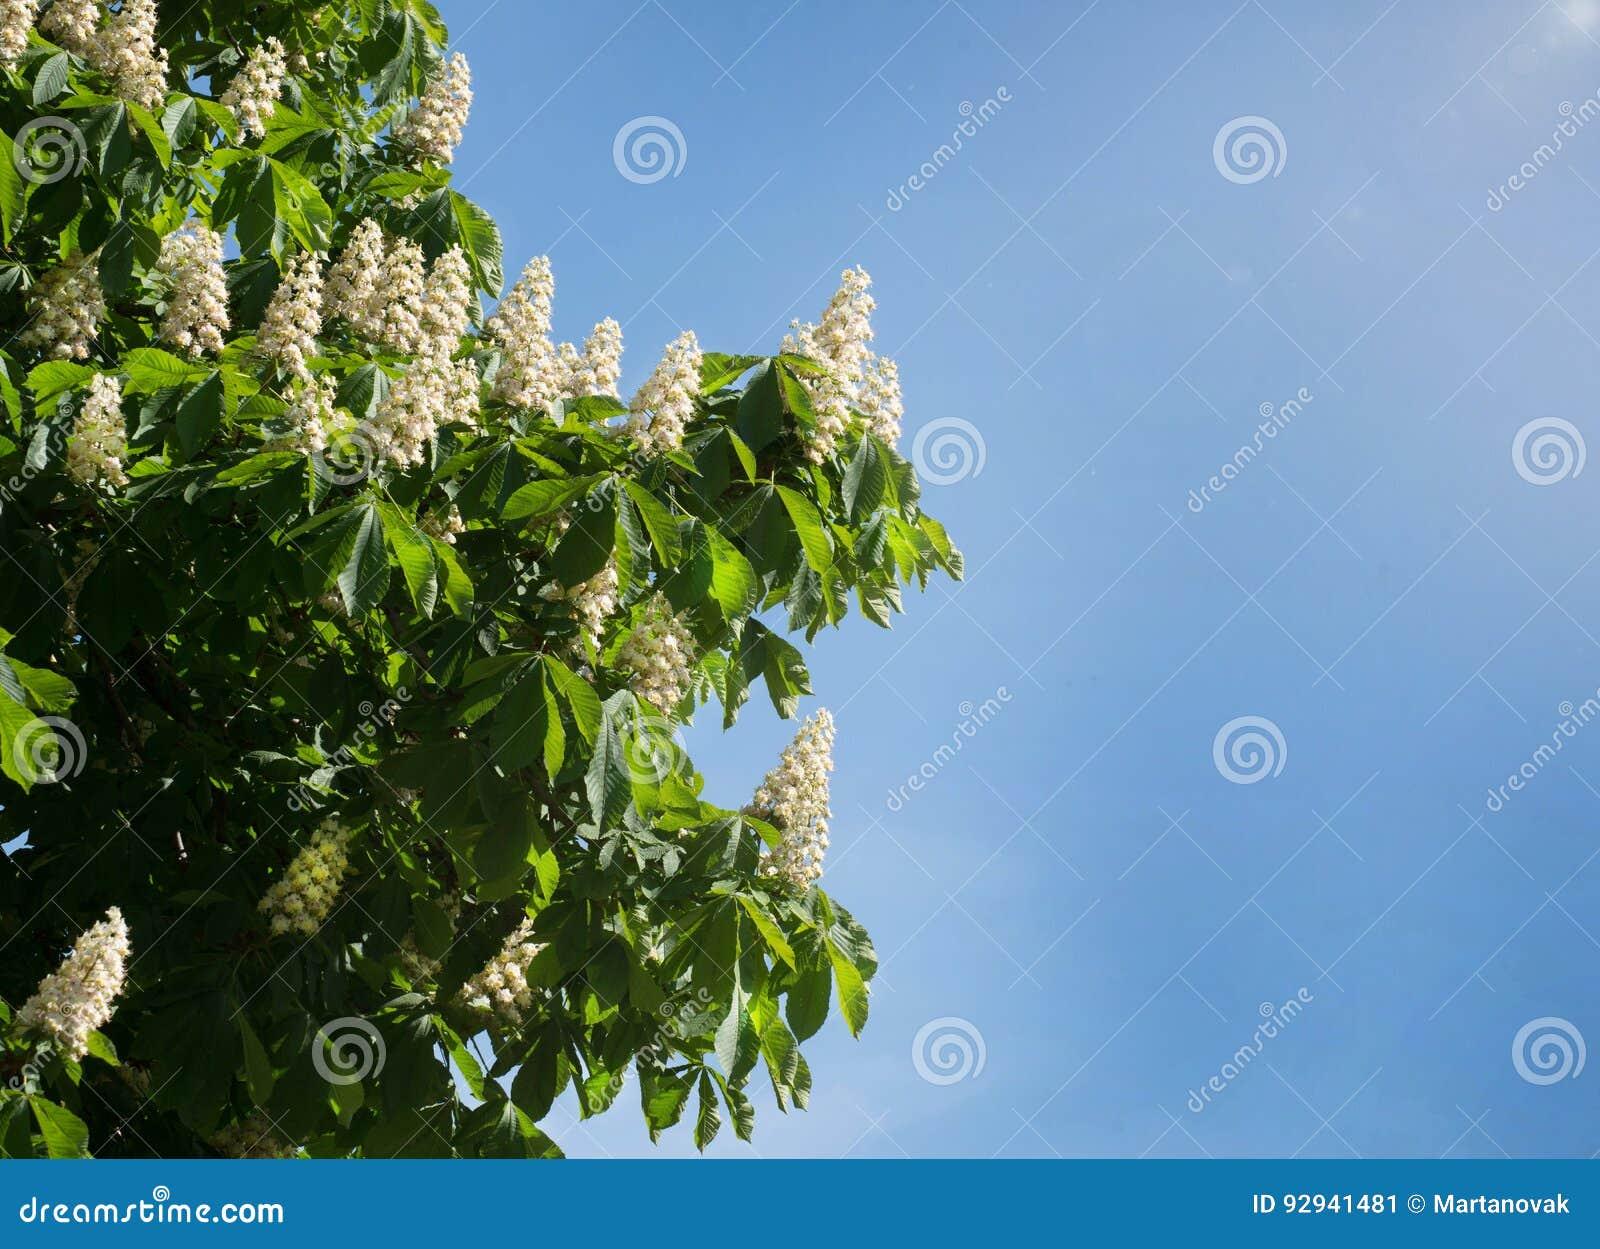 Lövverk och blommor av den kastanjebruna Aesculushippocastanumen blommor för Häst-kastanj Conkerträd, blad